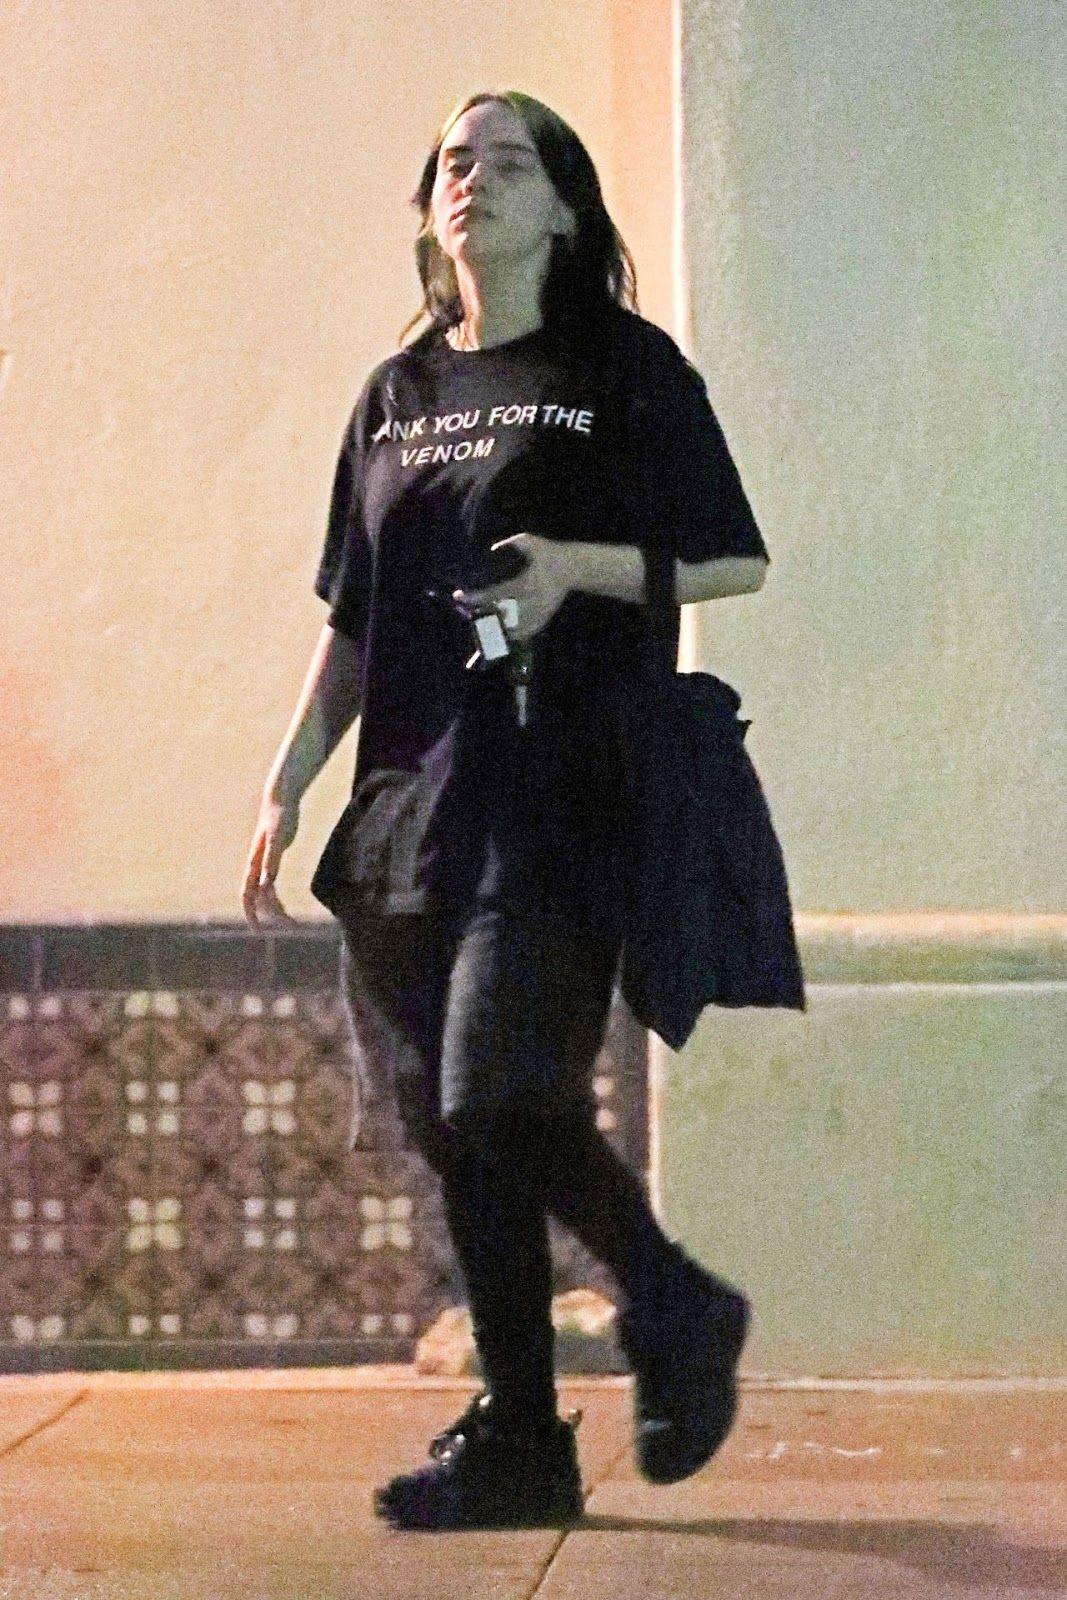 Billie Eilish Leaving A Night Gym Session In La 11 30 2019 ในป 2020